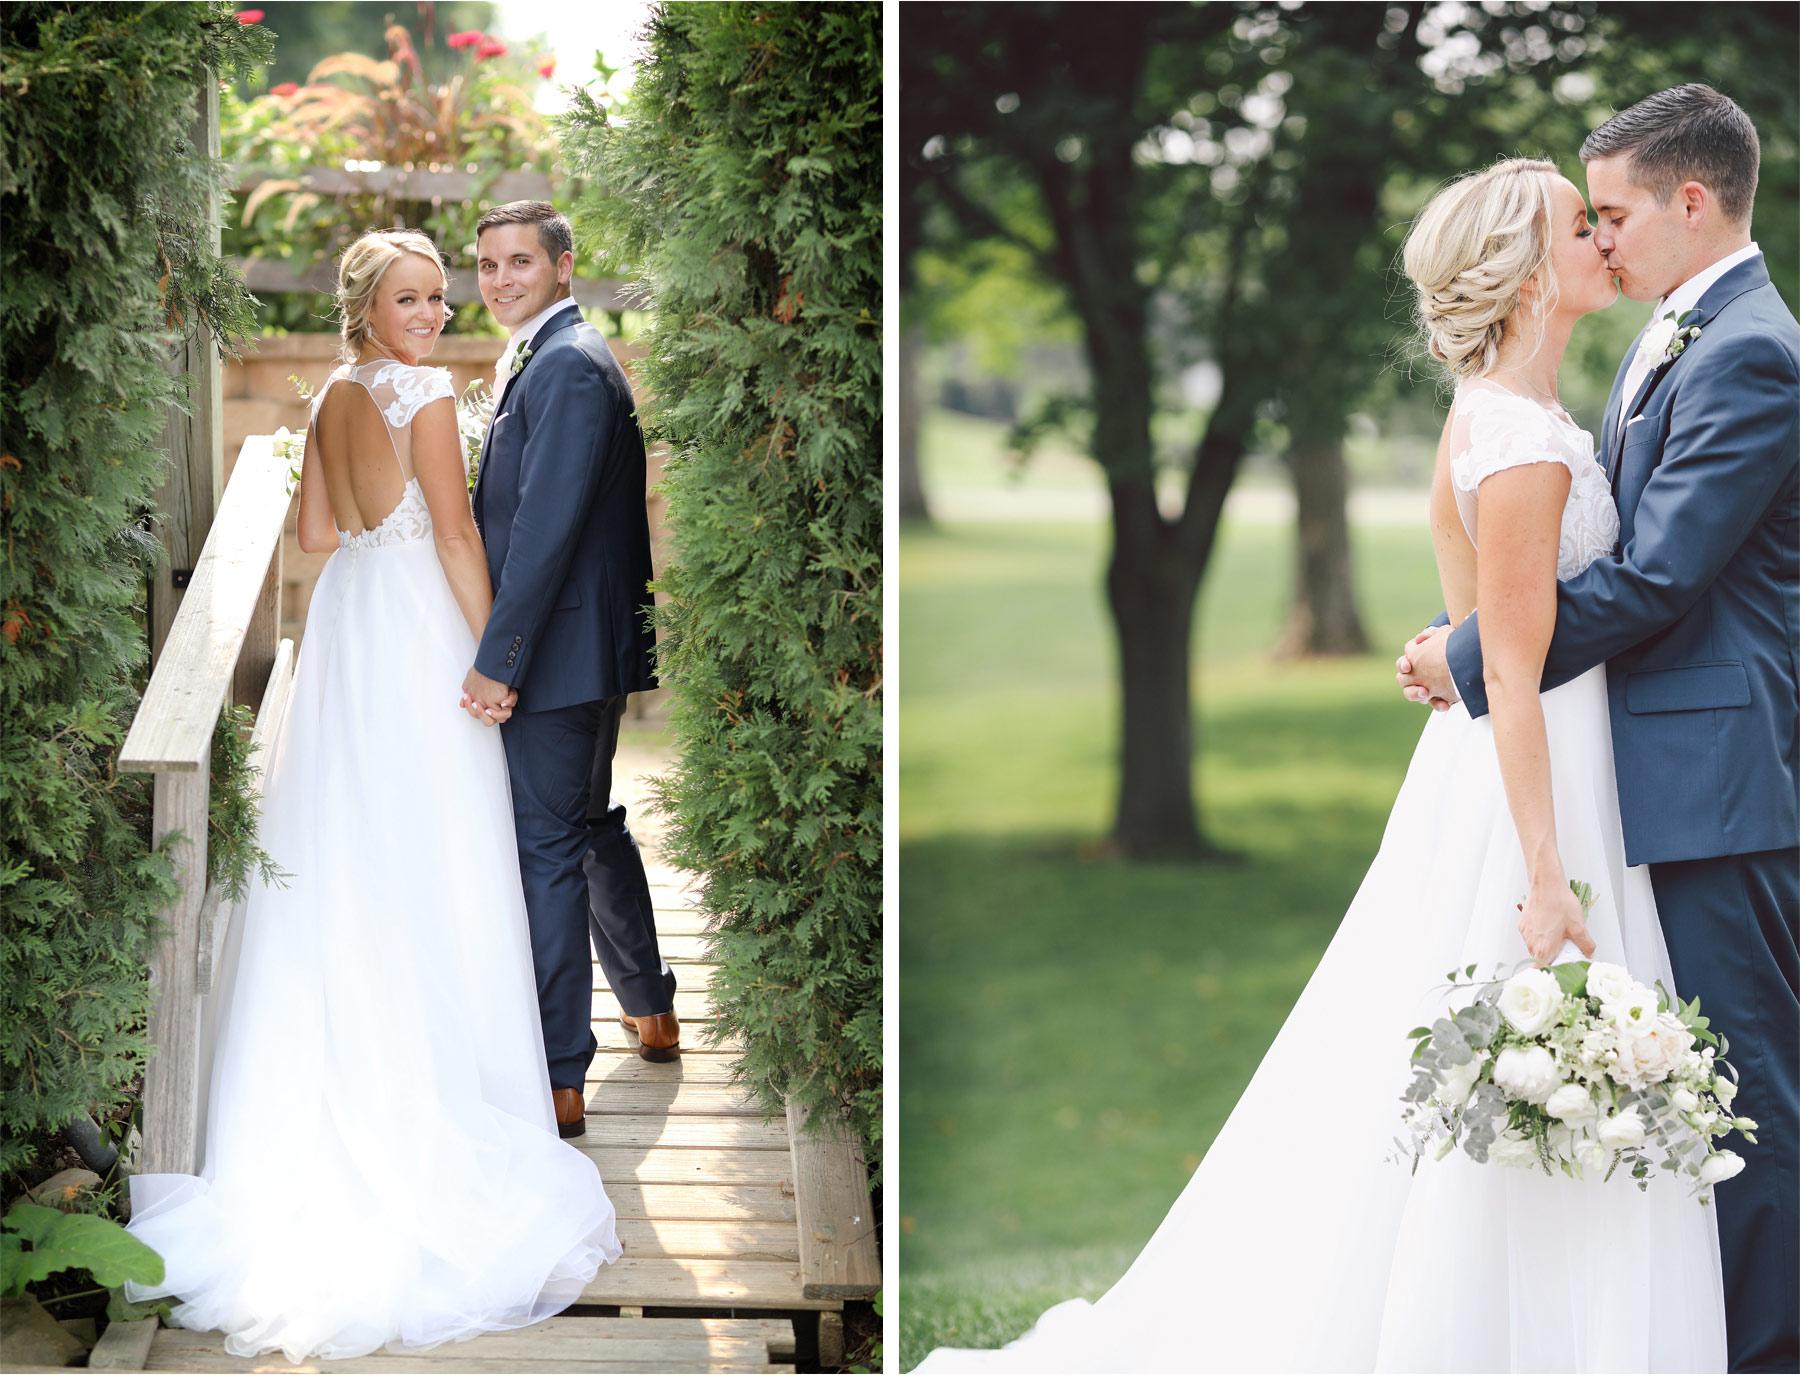 10-Minnetonka-Minnesota-Wedding-Photography-by-Vick-Photography-Lafayette-Club-Lake-Minnetonka-Jennifer-and-Adam.jpg